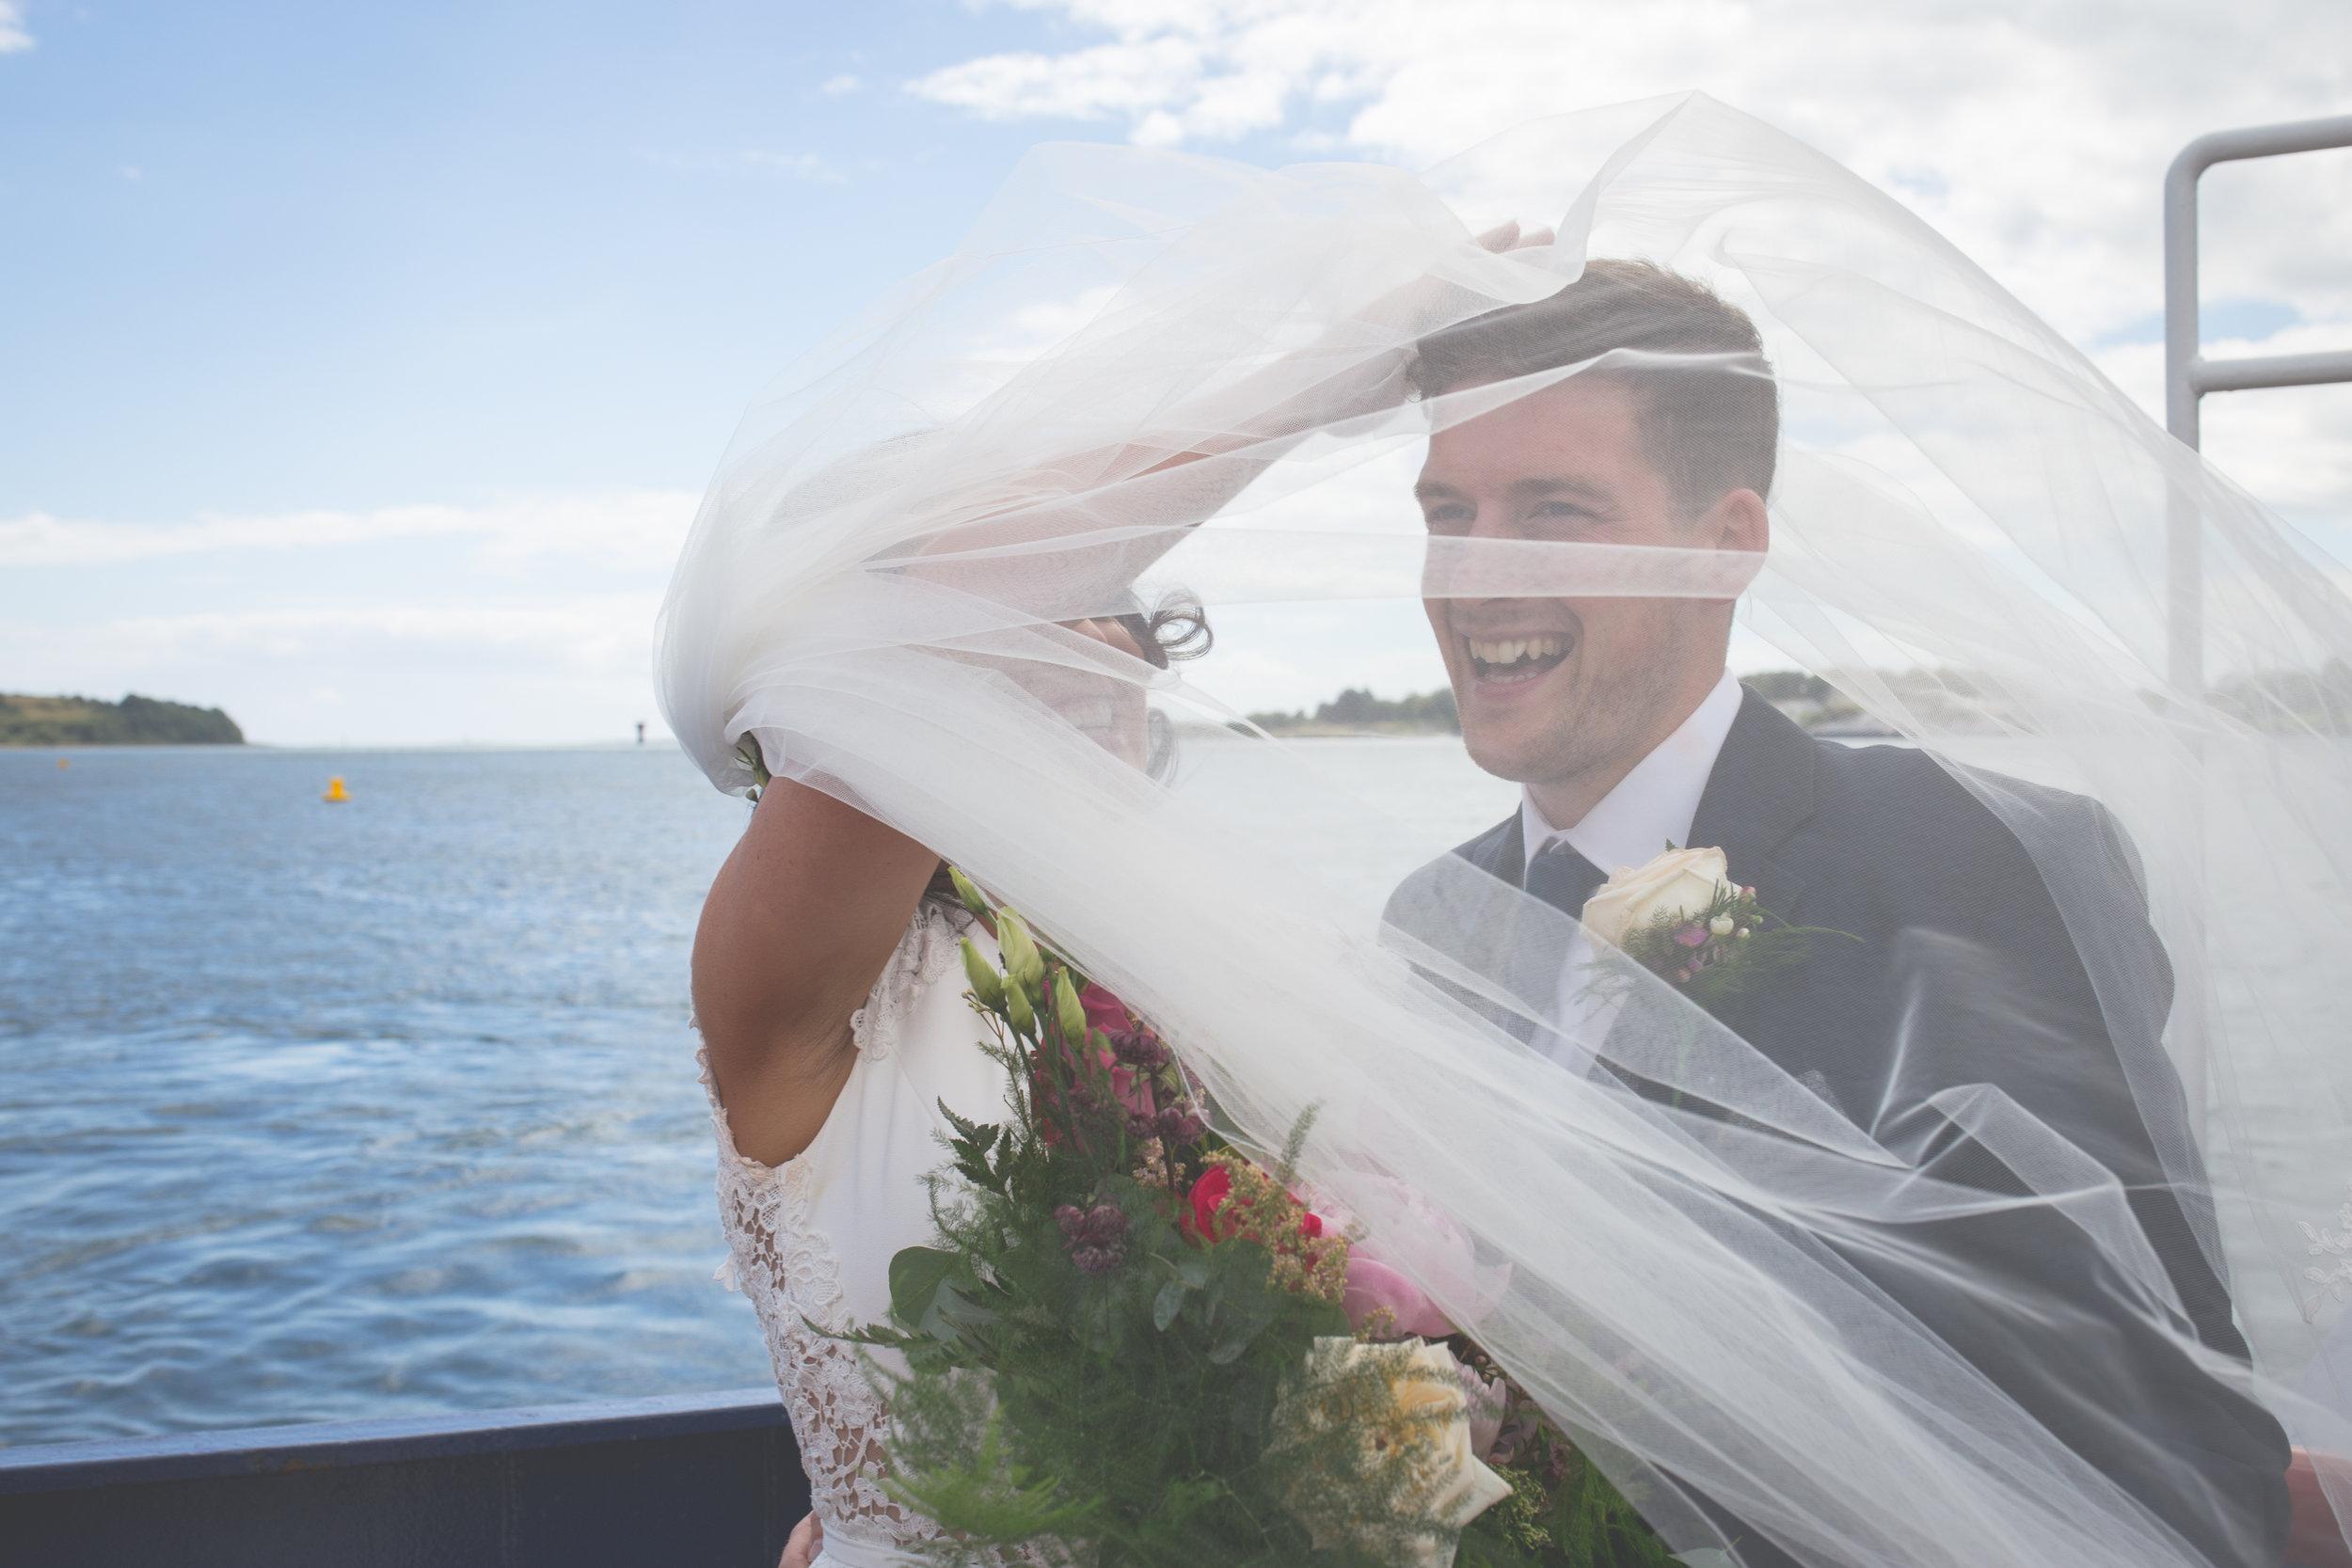 Brian McEwan Wedding Photography   Carol-Anne & Sean   The Ceremony-179.jpg